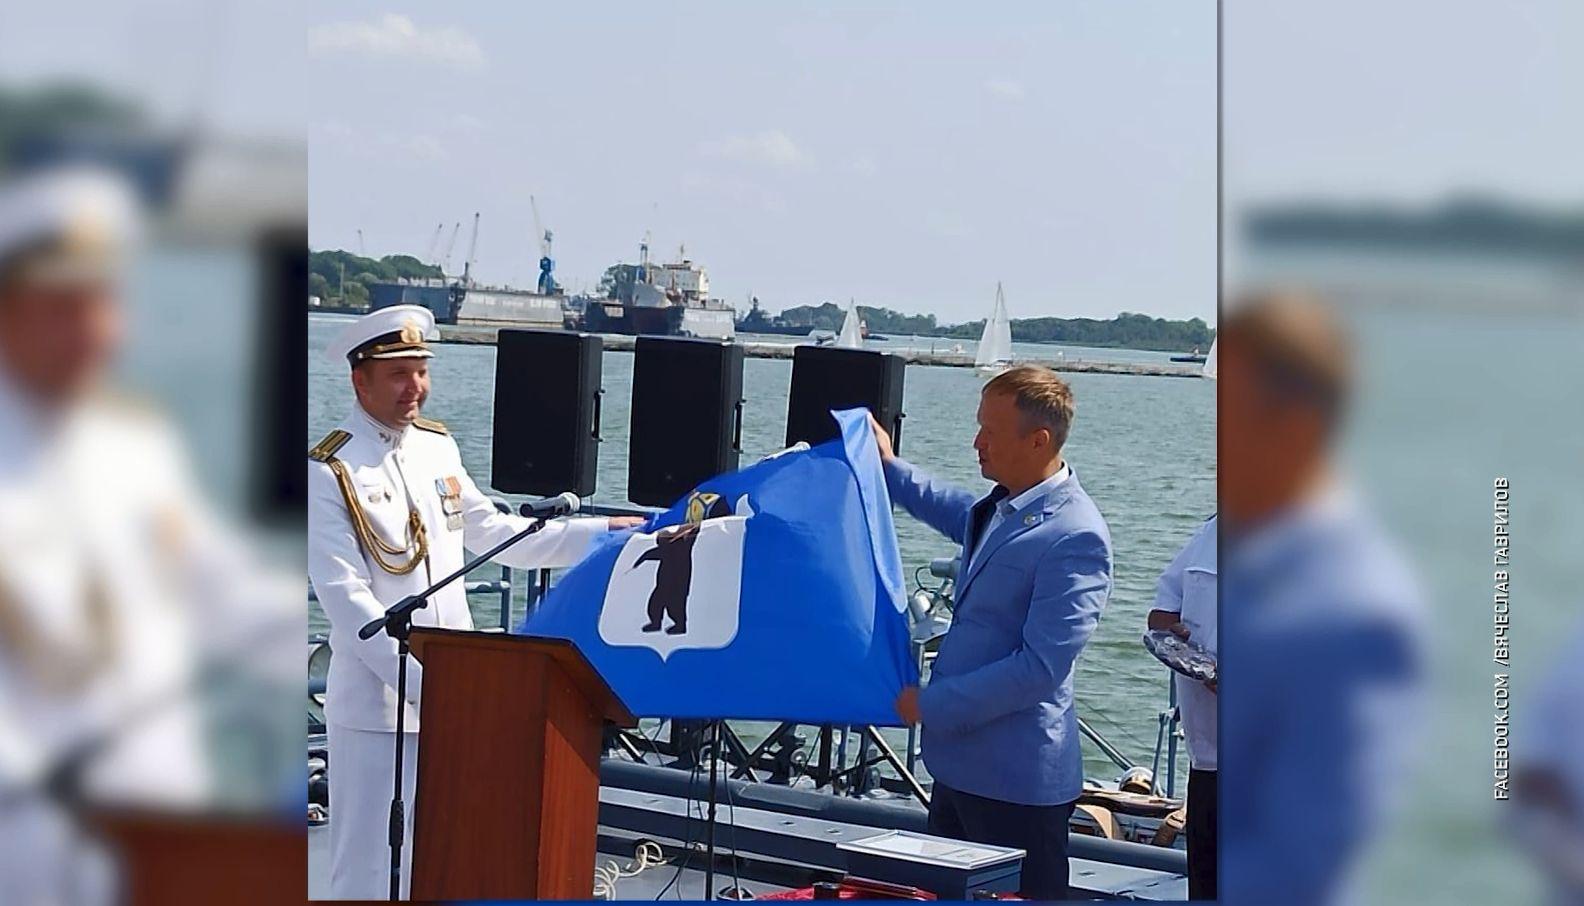 Делегация из Ярославля побывала на военно-морском параде в Балтийске